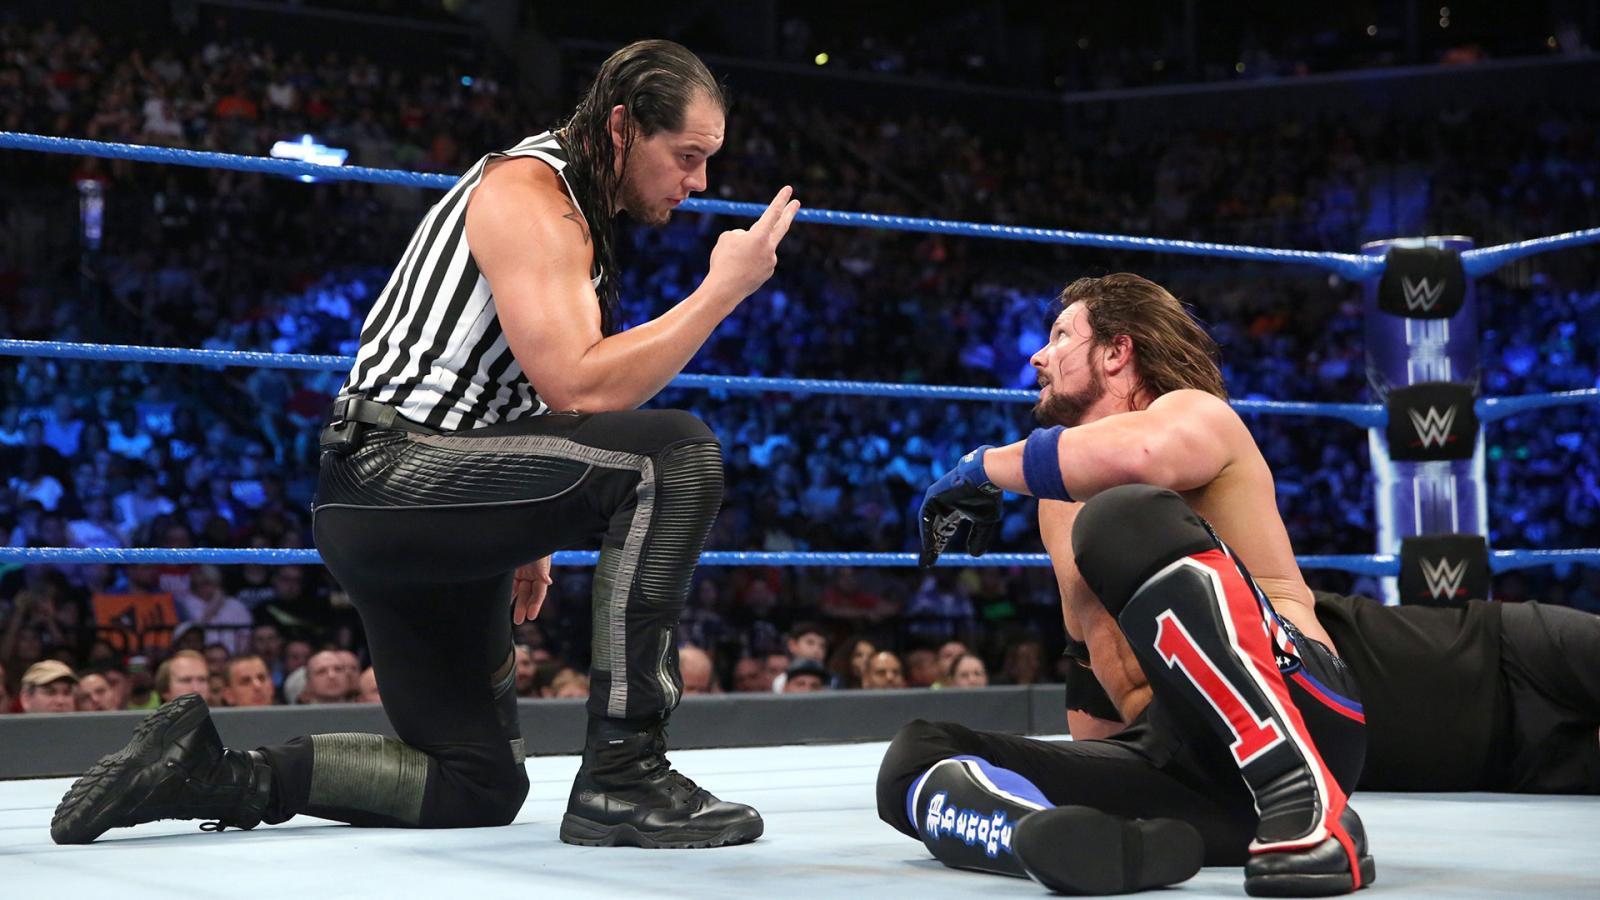 WWE SMACKDOWN RESULTS: 23 AUGUST 2017, सभी मैच एक नजर में वीडियो के साथ 25